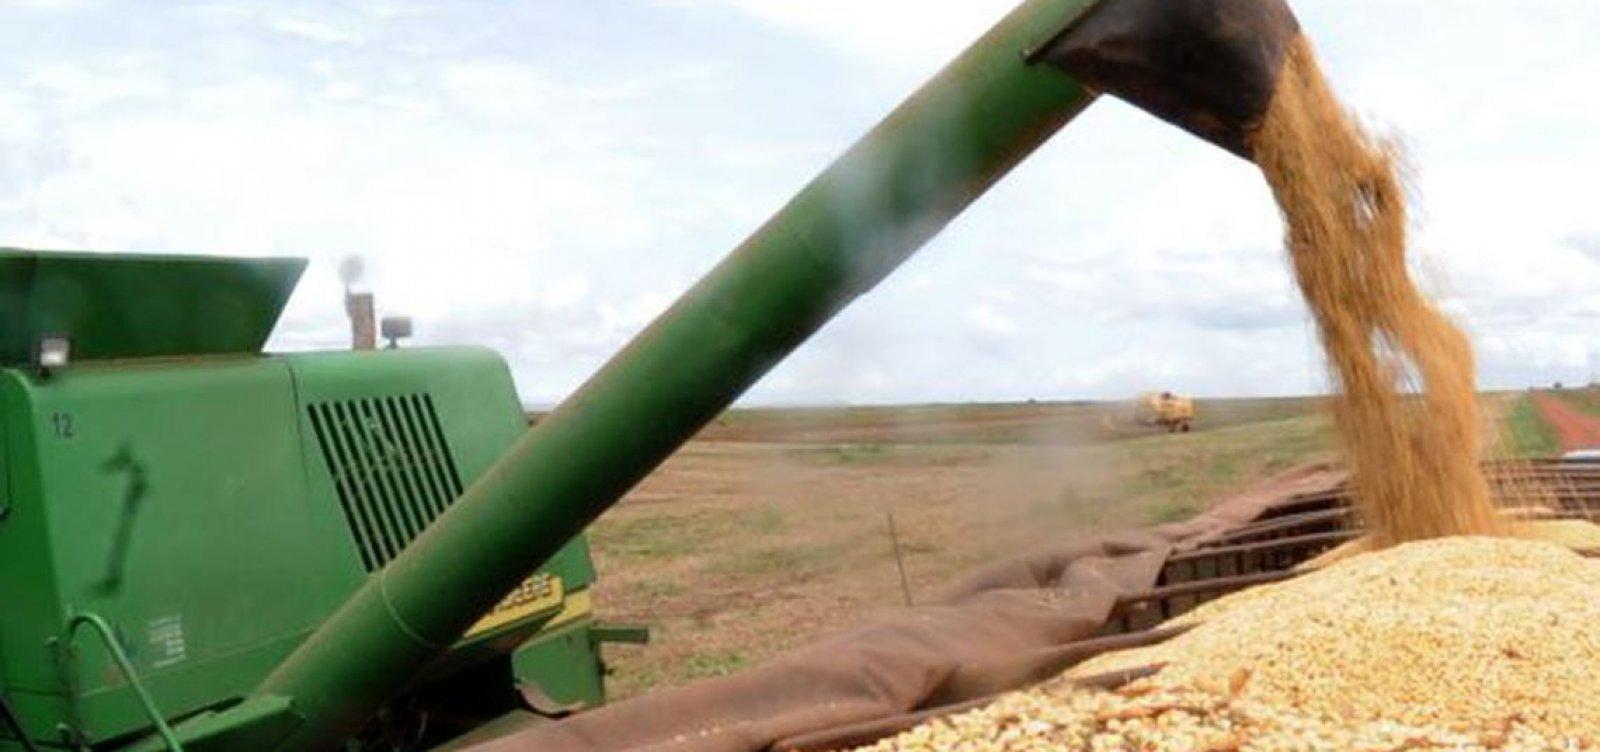 Produção de algodão, milho e soja tem estimativa de crescimento em 2020 na BA, diz IBGE